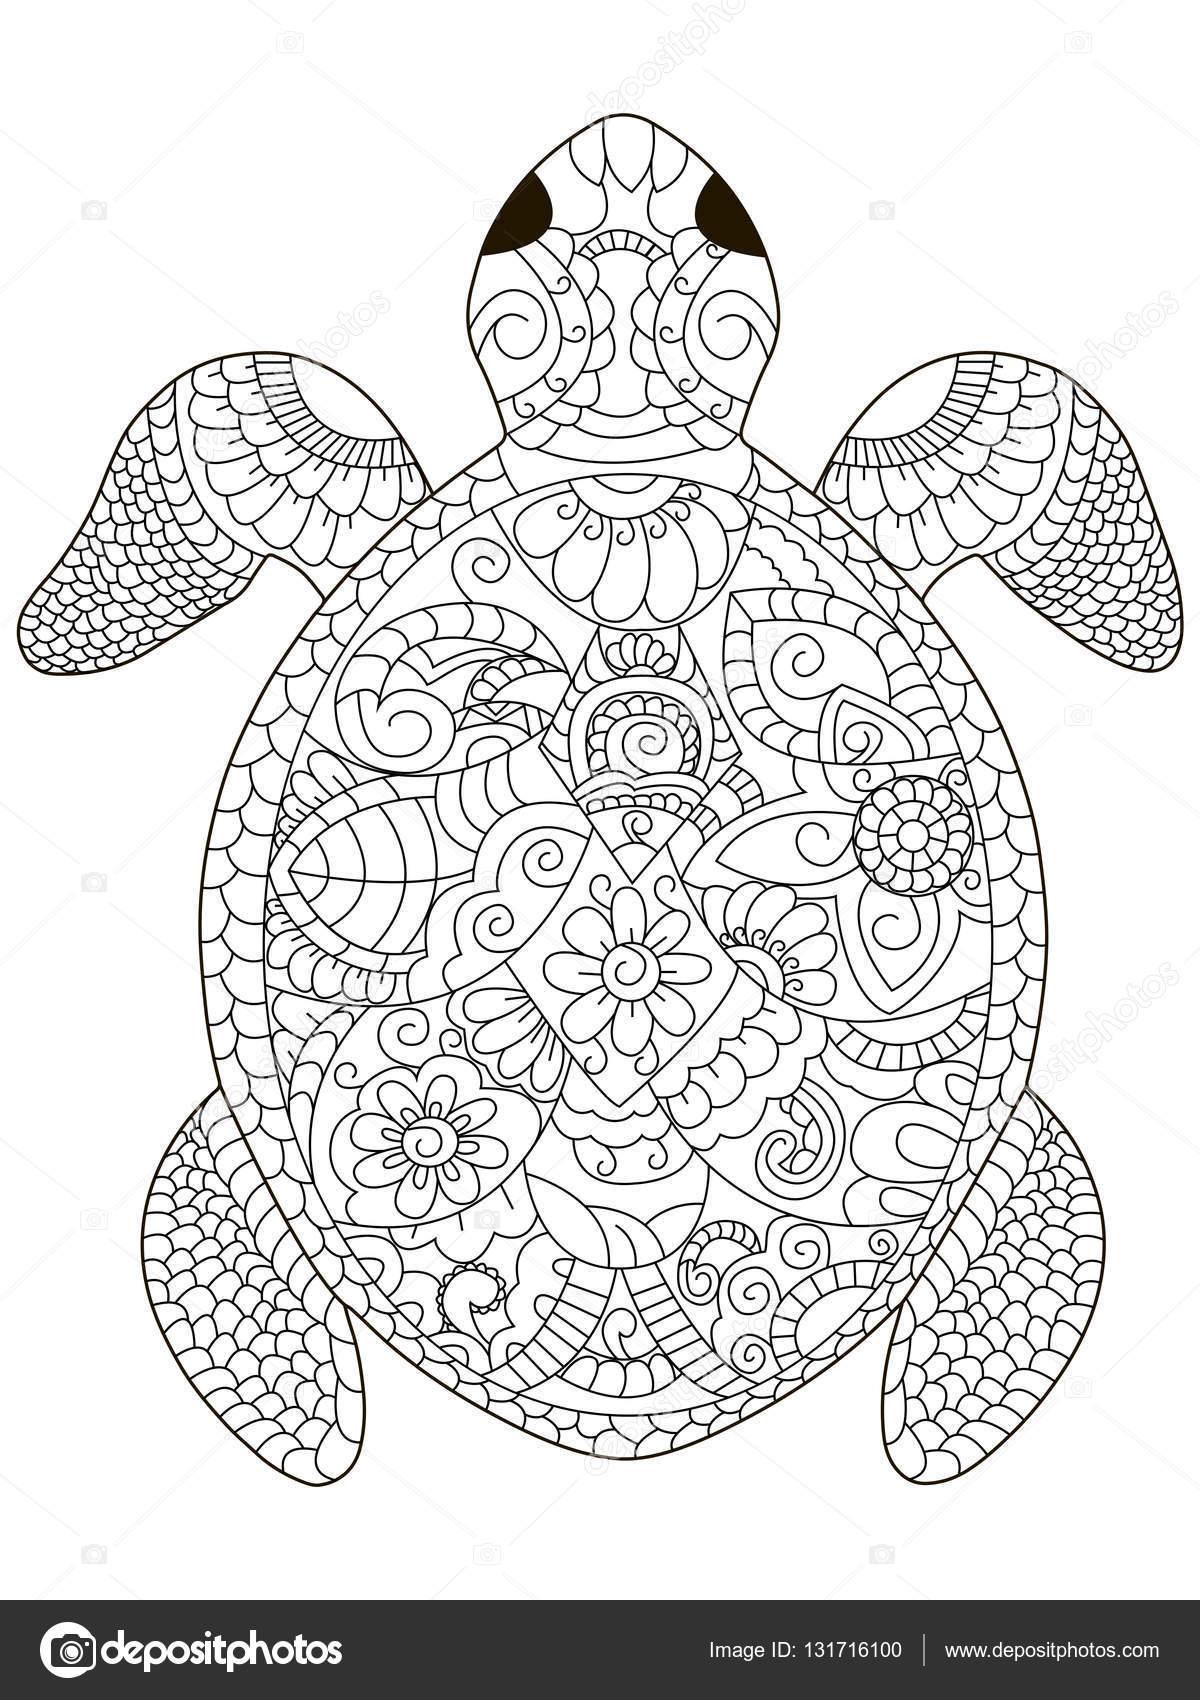 Tortue de mer vector de coloriage pour adultes image - Coloriage pour adulte ...